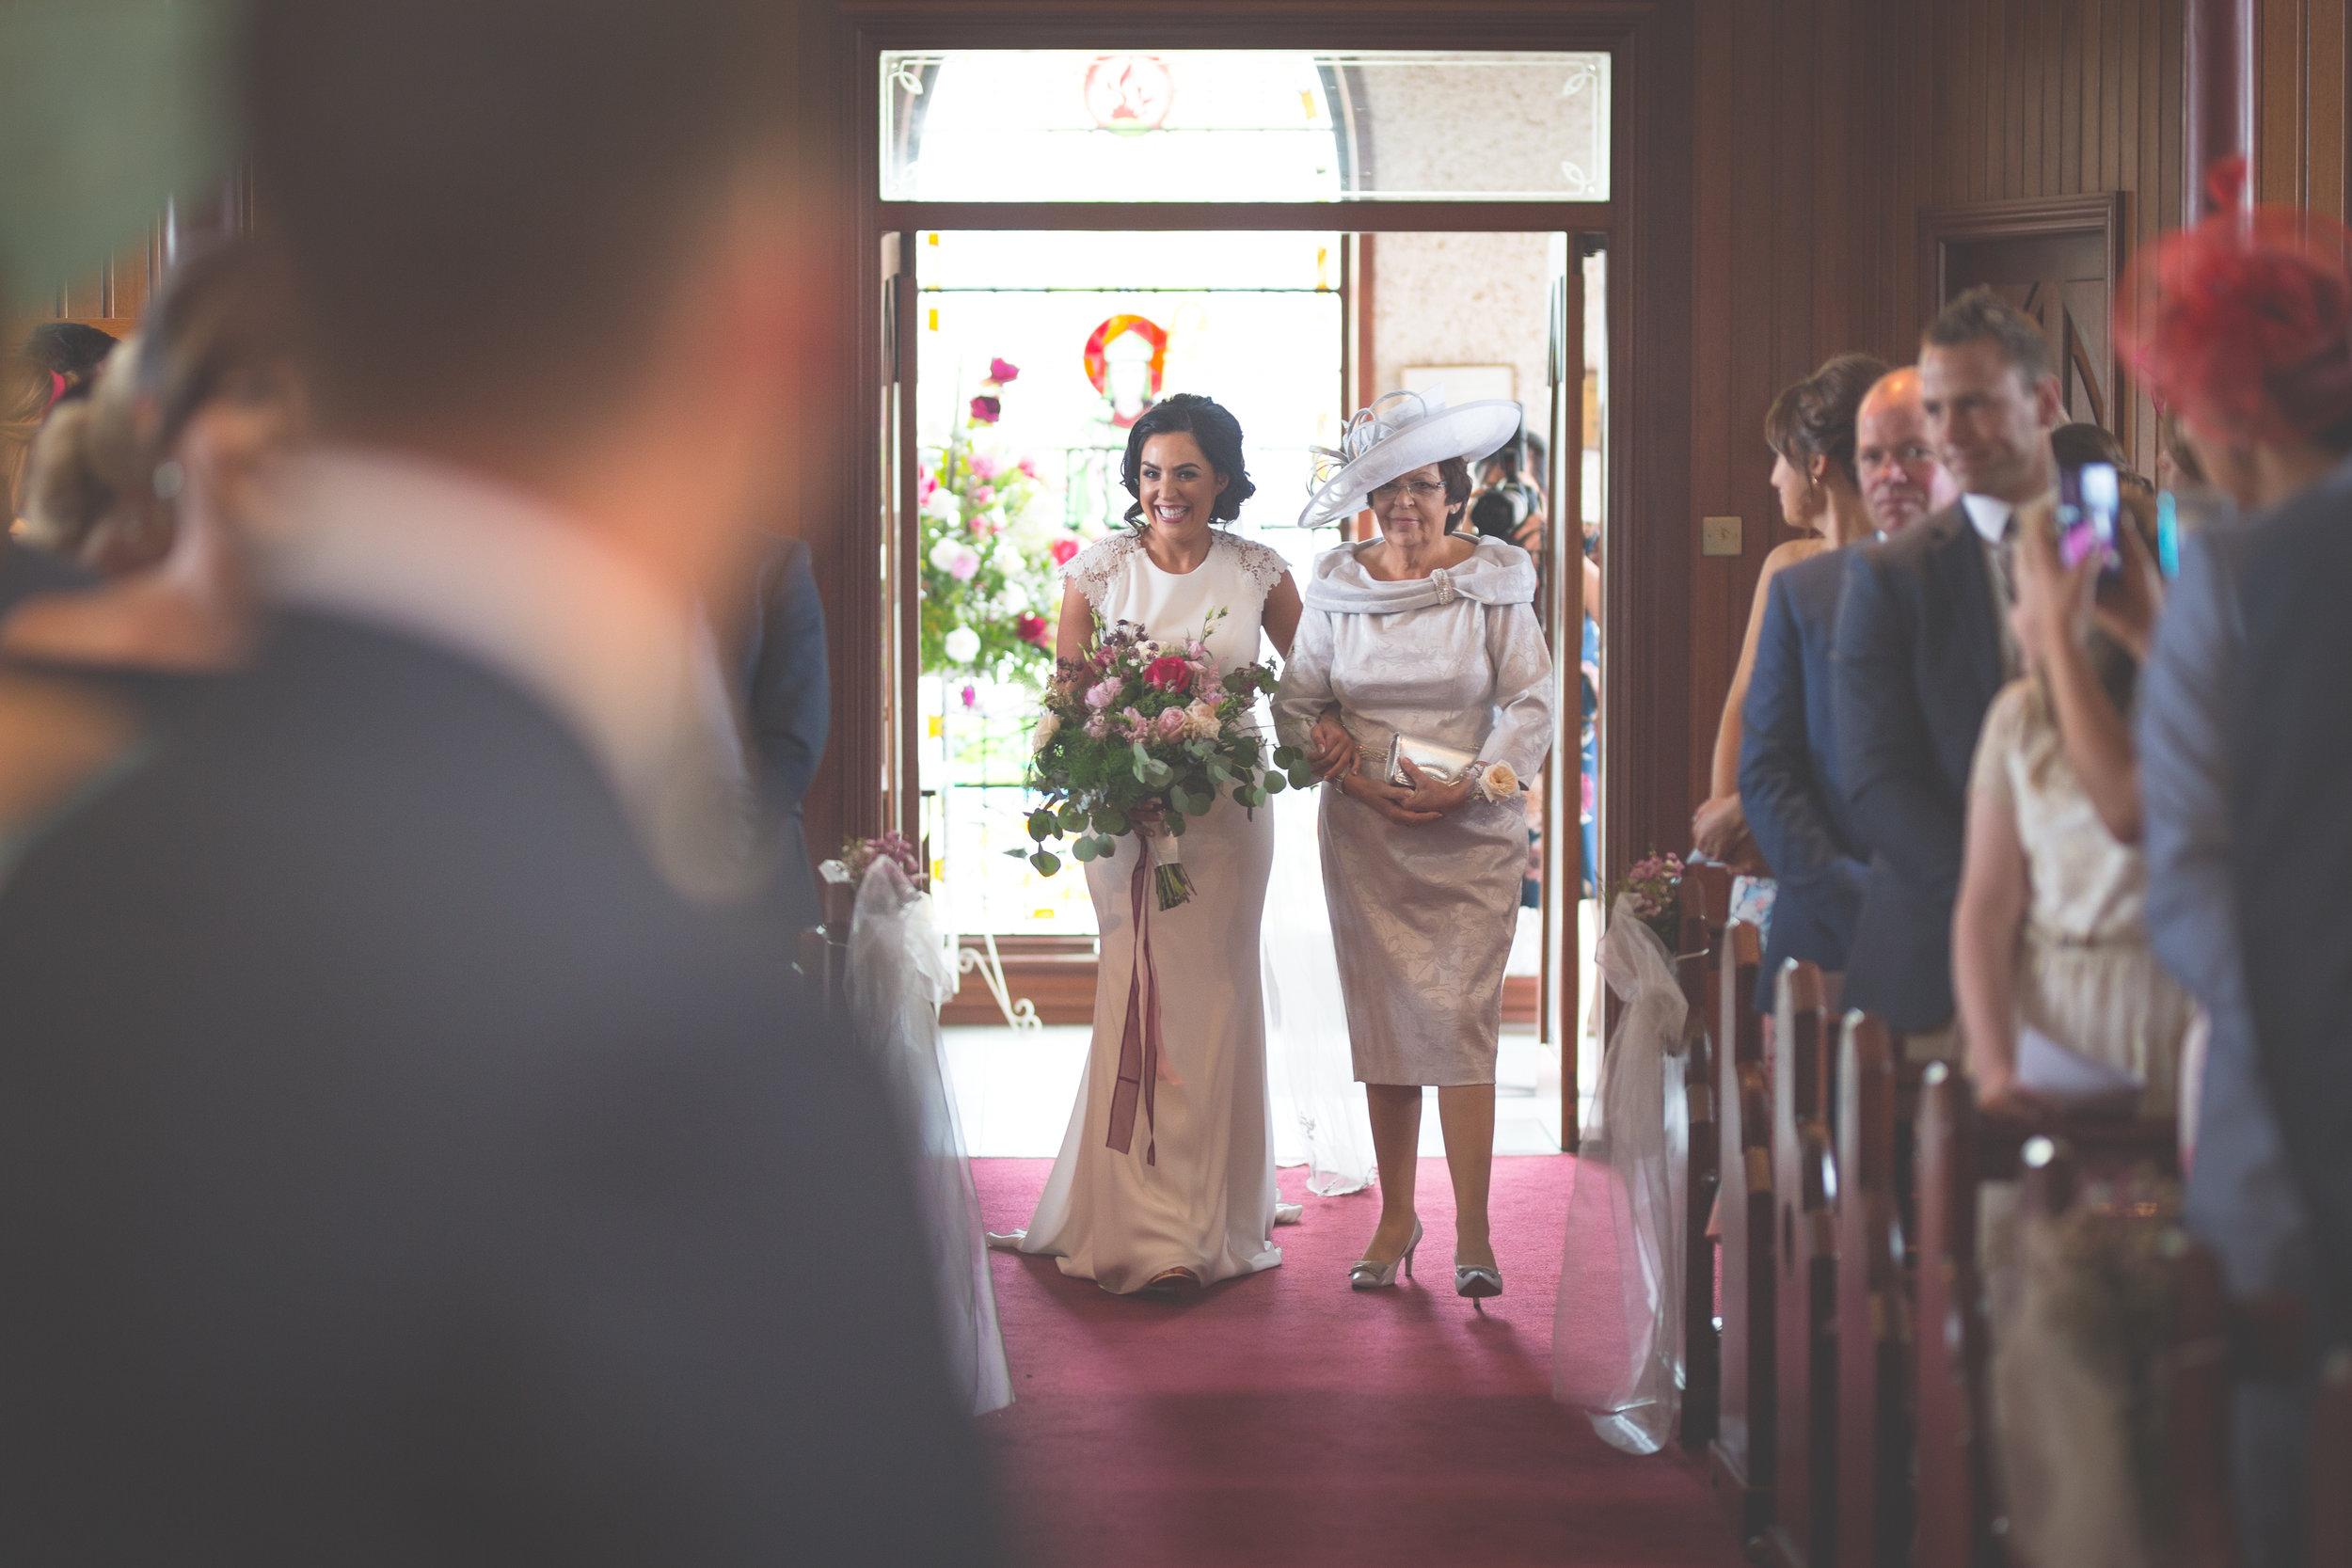 Brian McEwan Wedding Photography   Carol-Anne & Sean   The Ceremony-19.jpg